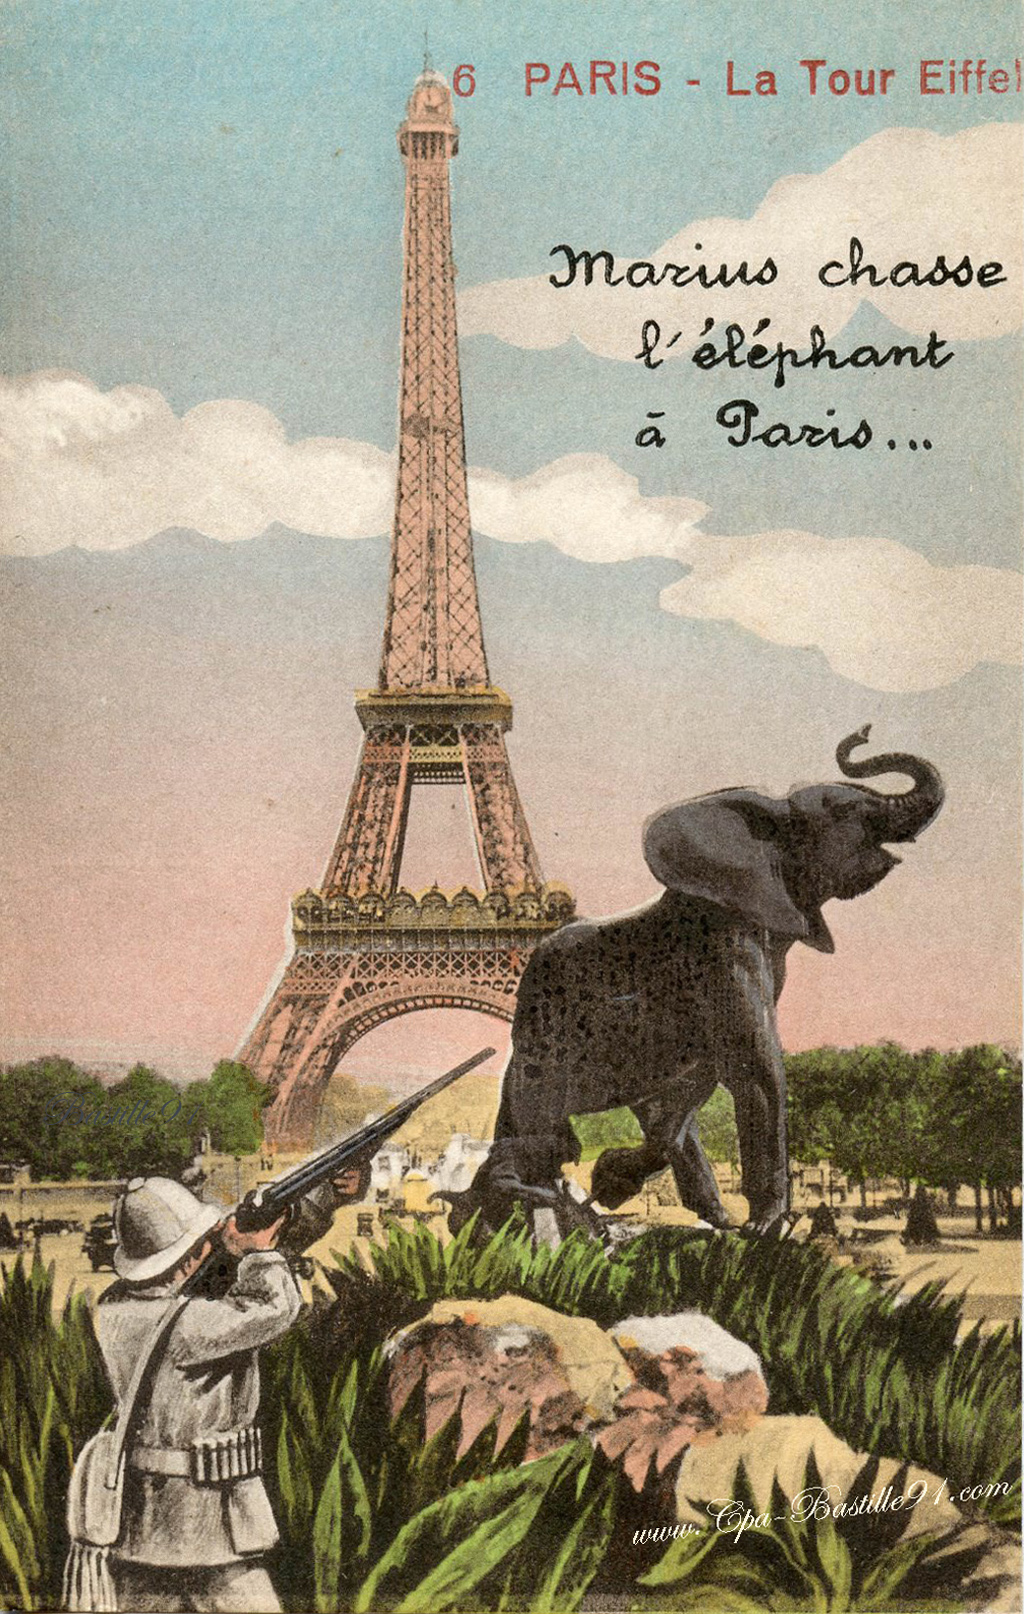 Paris - Marius chasse l'éléphant à la Tour Eiffel | Cartes Postales Anciennes